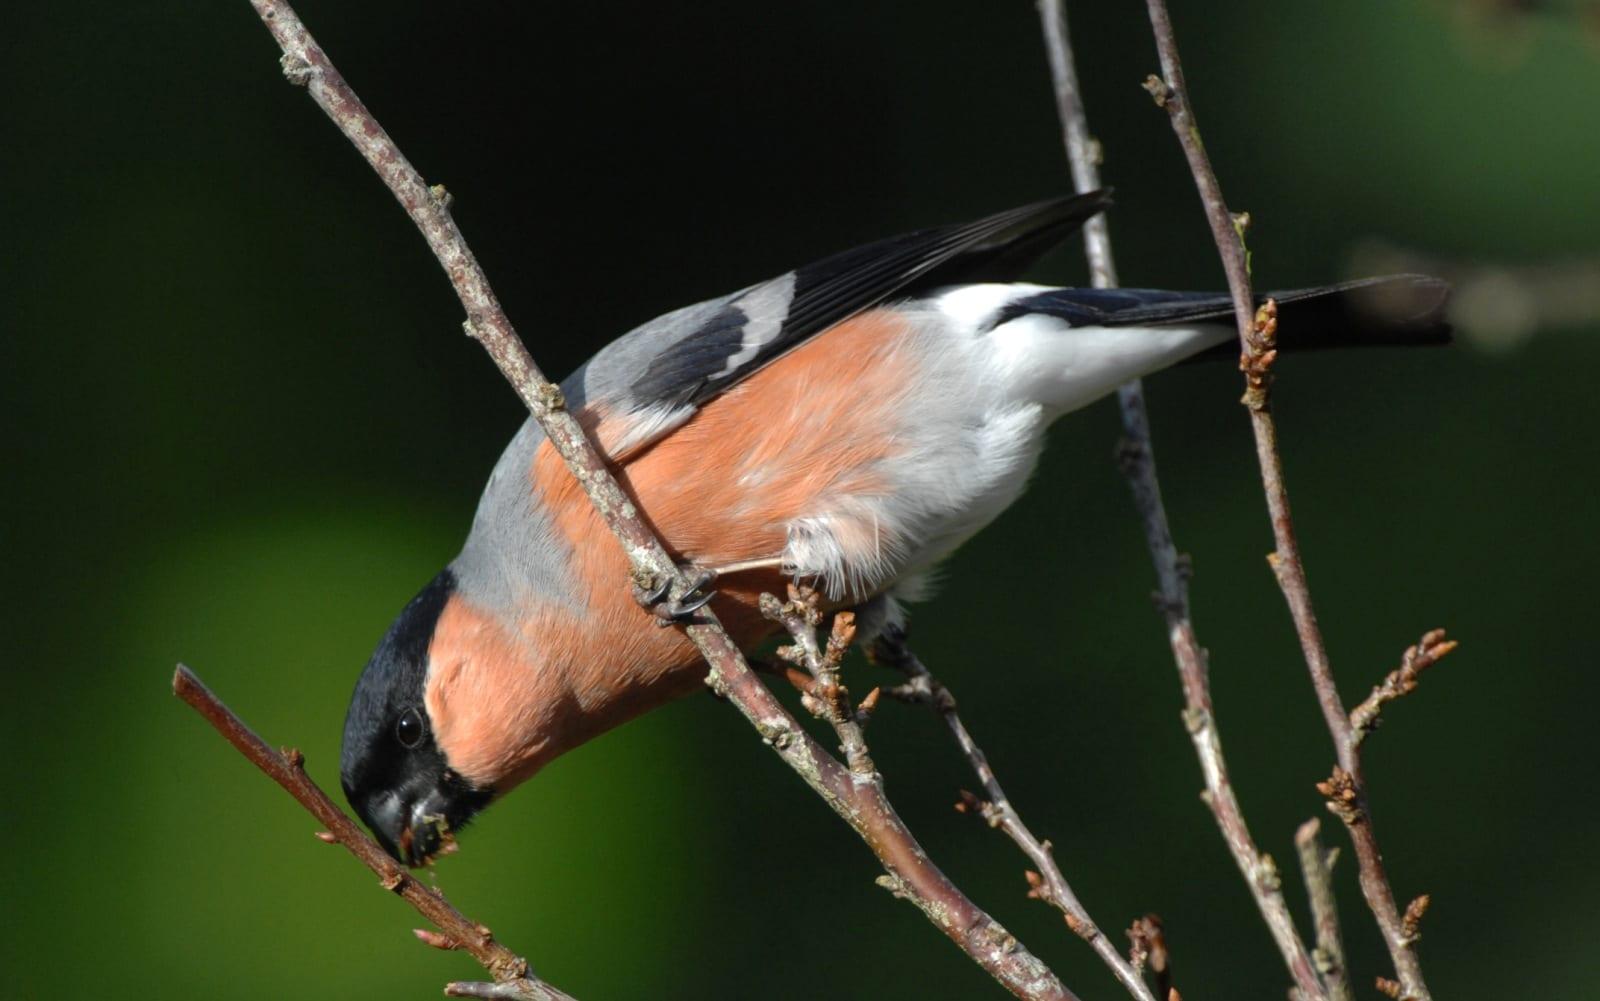 Male Bullfinch feeding on a tree bud